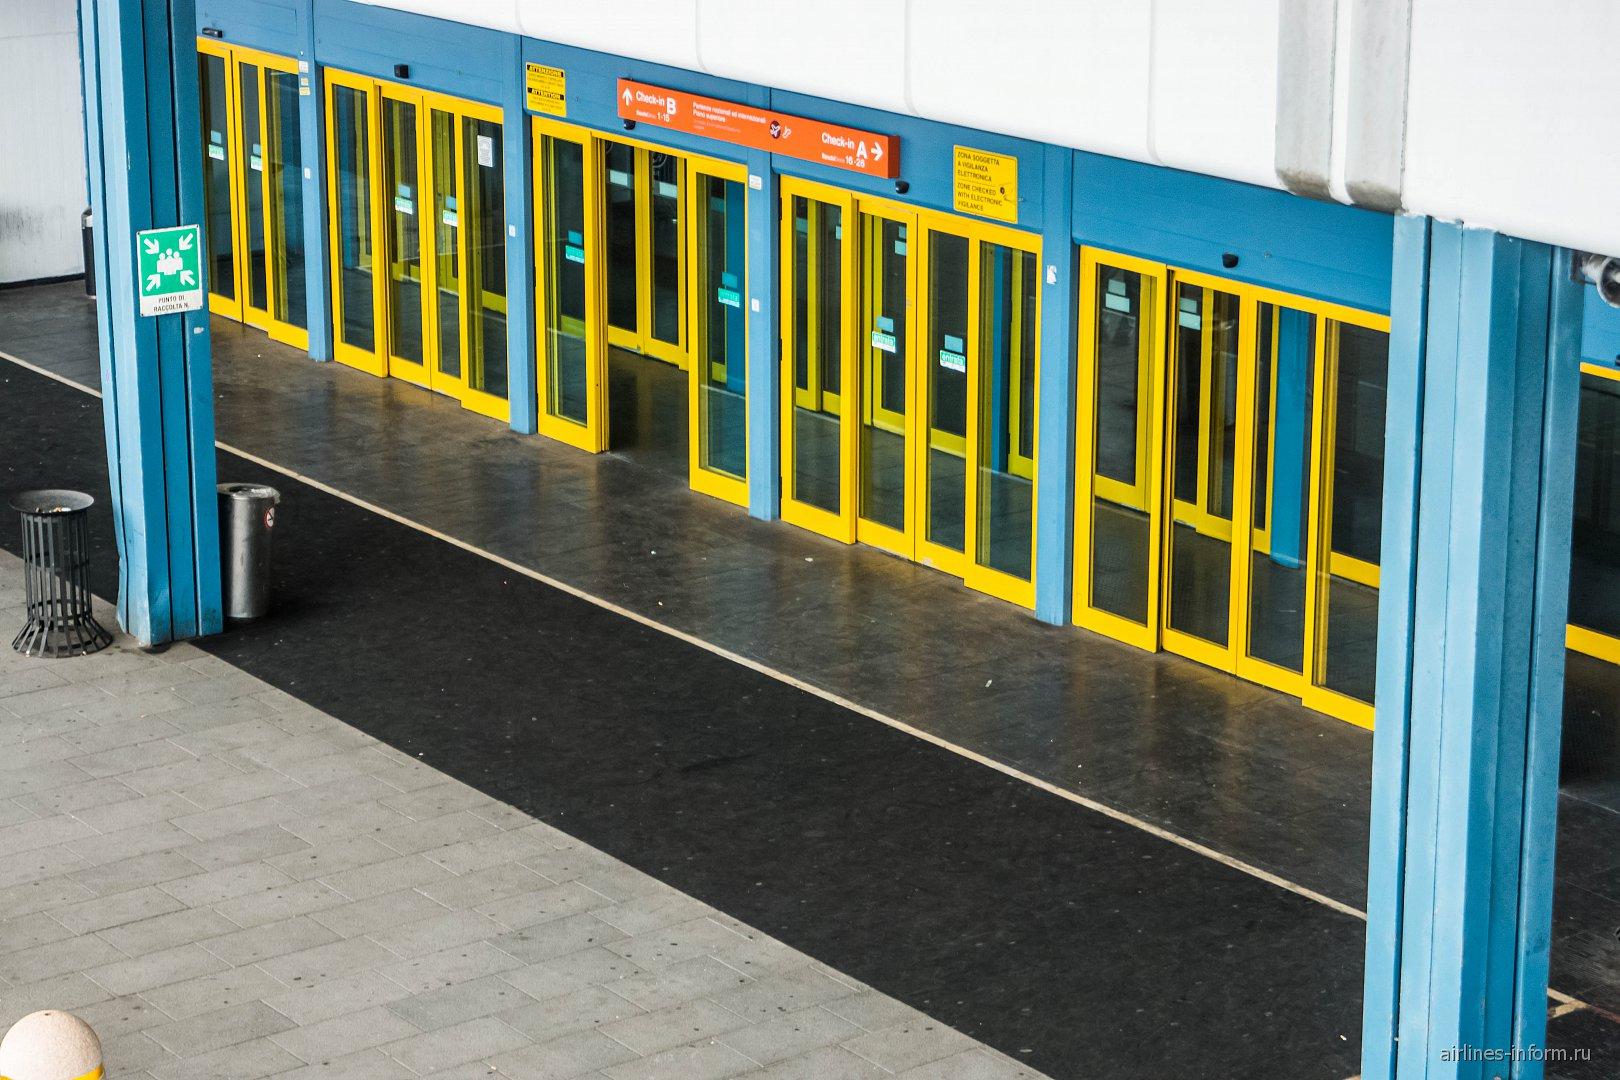 Вход в пассажирский терминал аэропорта Палермо